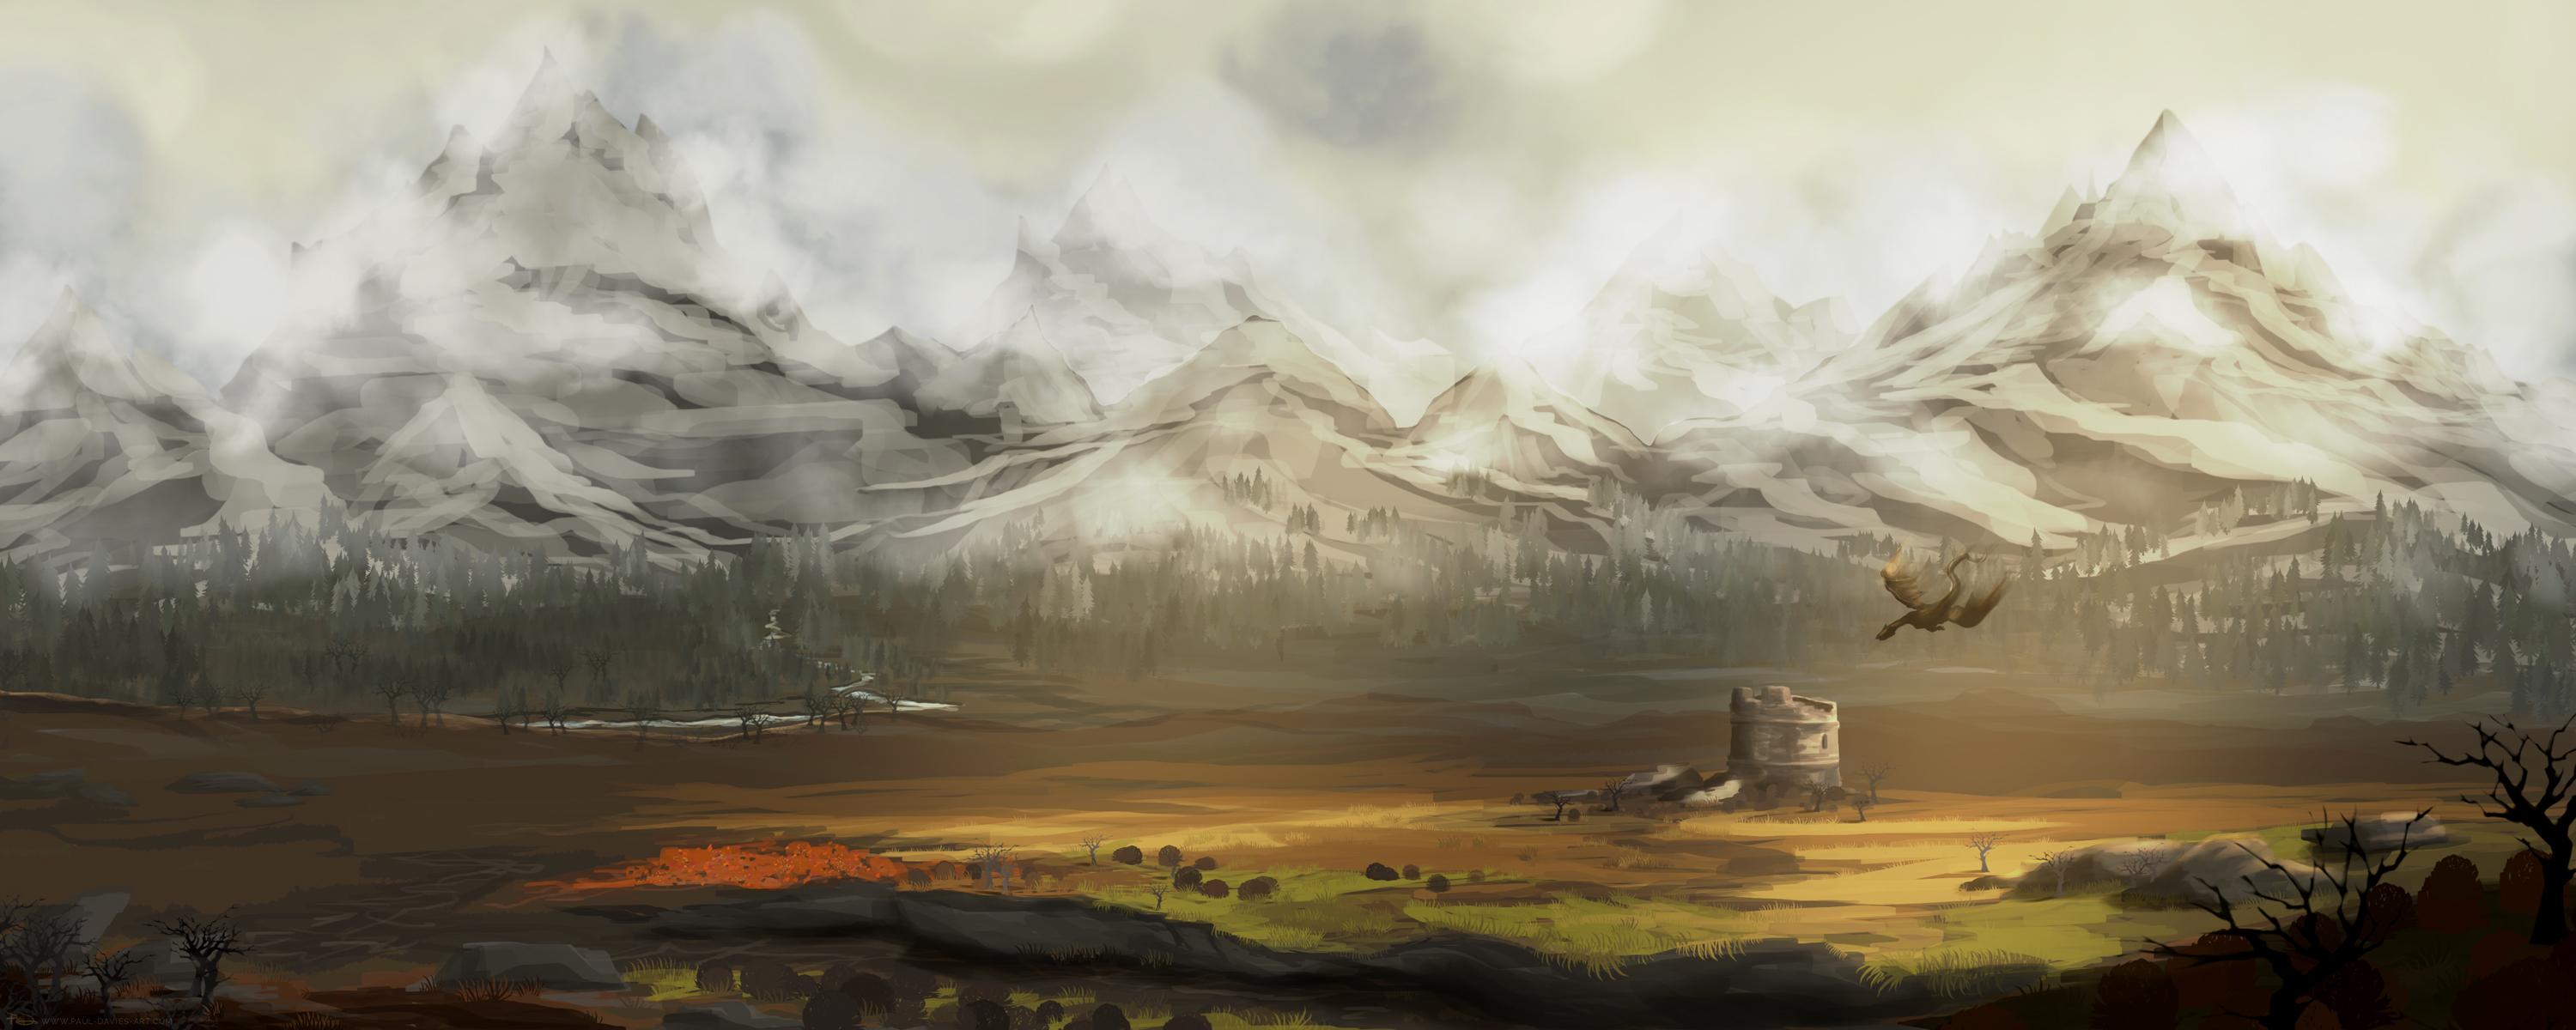 Western Watchtower - Skyrim Fanart